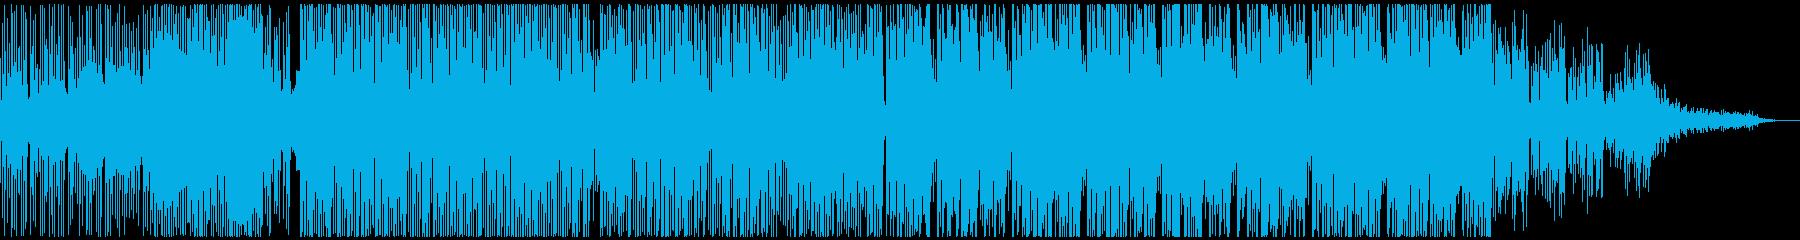 ハードでダークなエレクトロサウンドの再生済みの波形